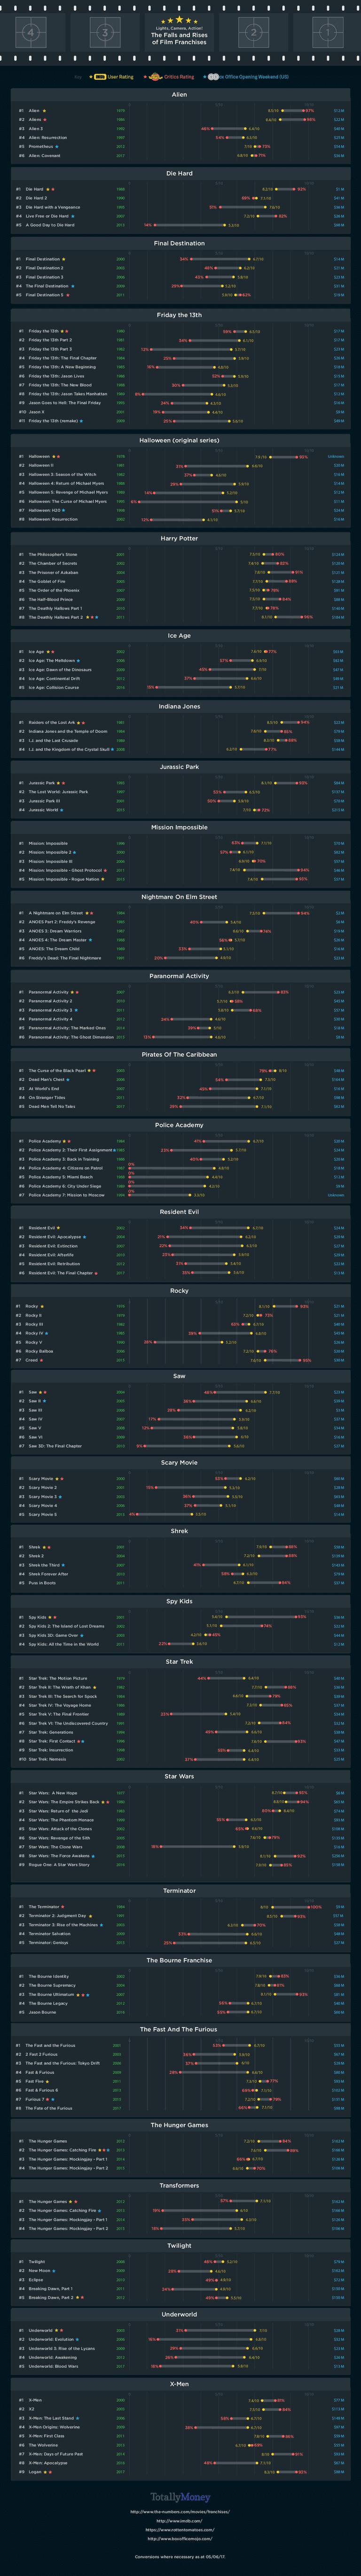 TM - Film Scores - Infographic-2